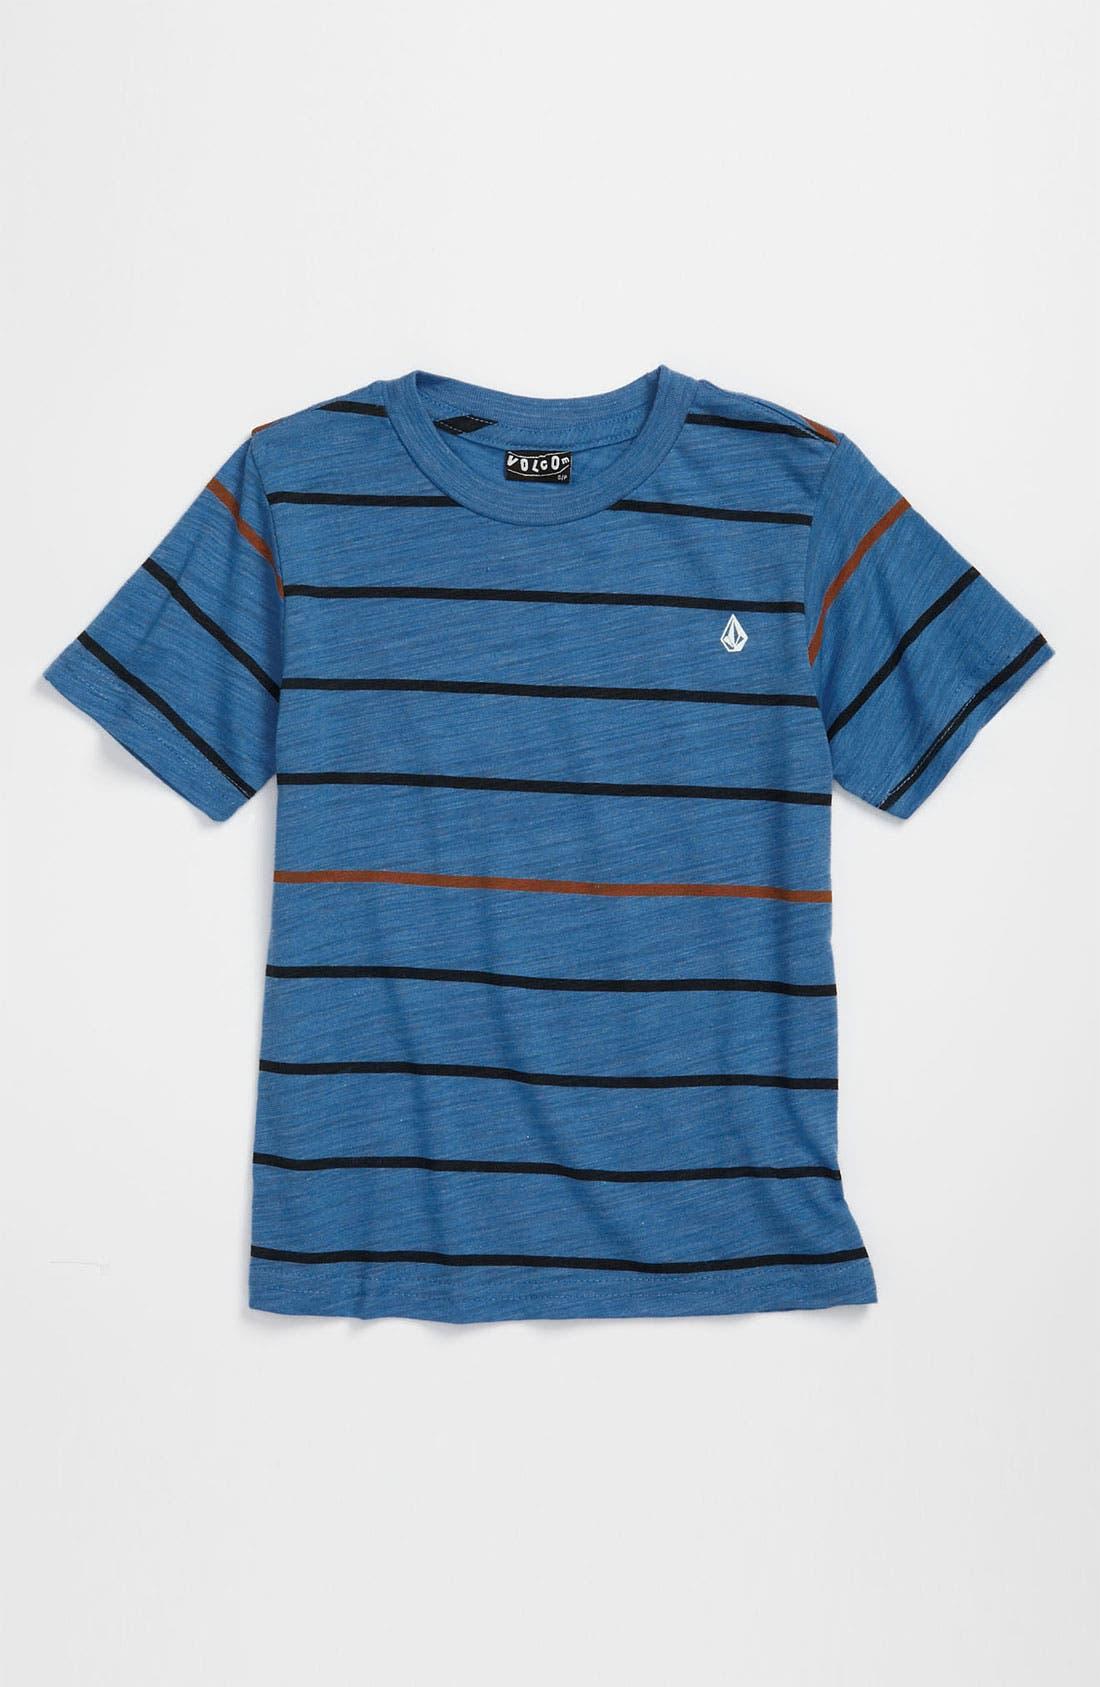 Alternate Image 1 Selected - Volcom 'Knock Stripe' T-Shirt (Little Boys)